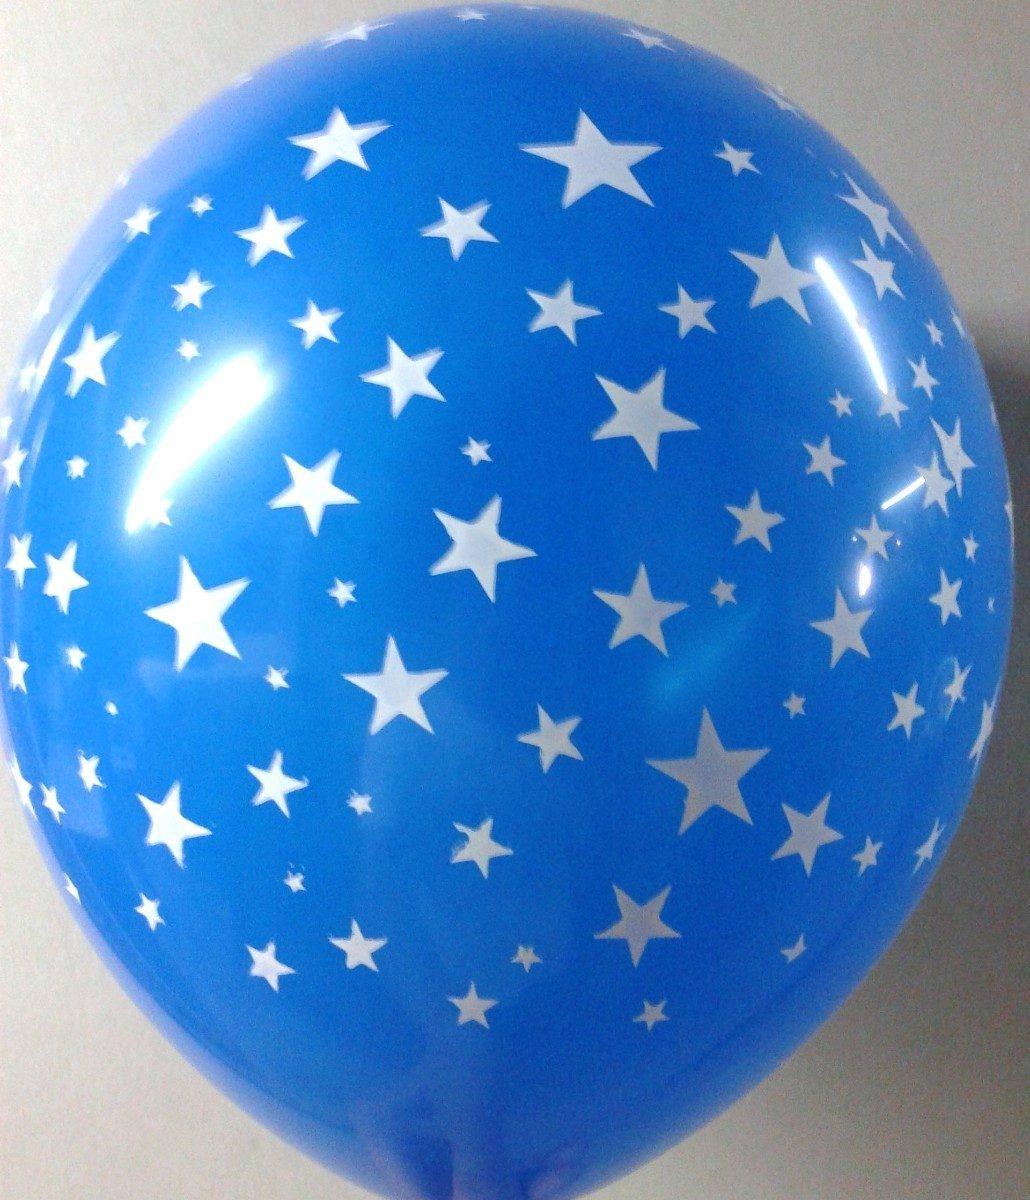 Globos 12 pulg con estrellas colores surtidos 50 x 280 for Donde comprar globos